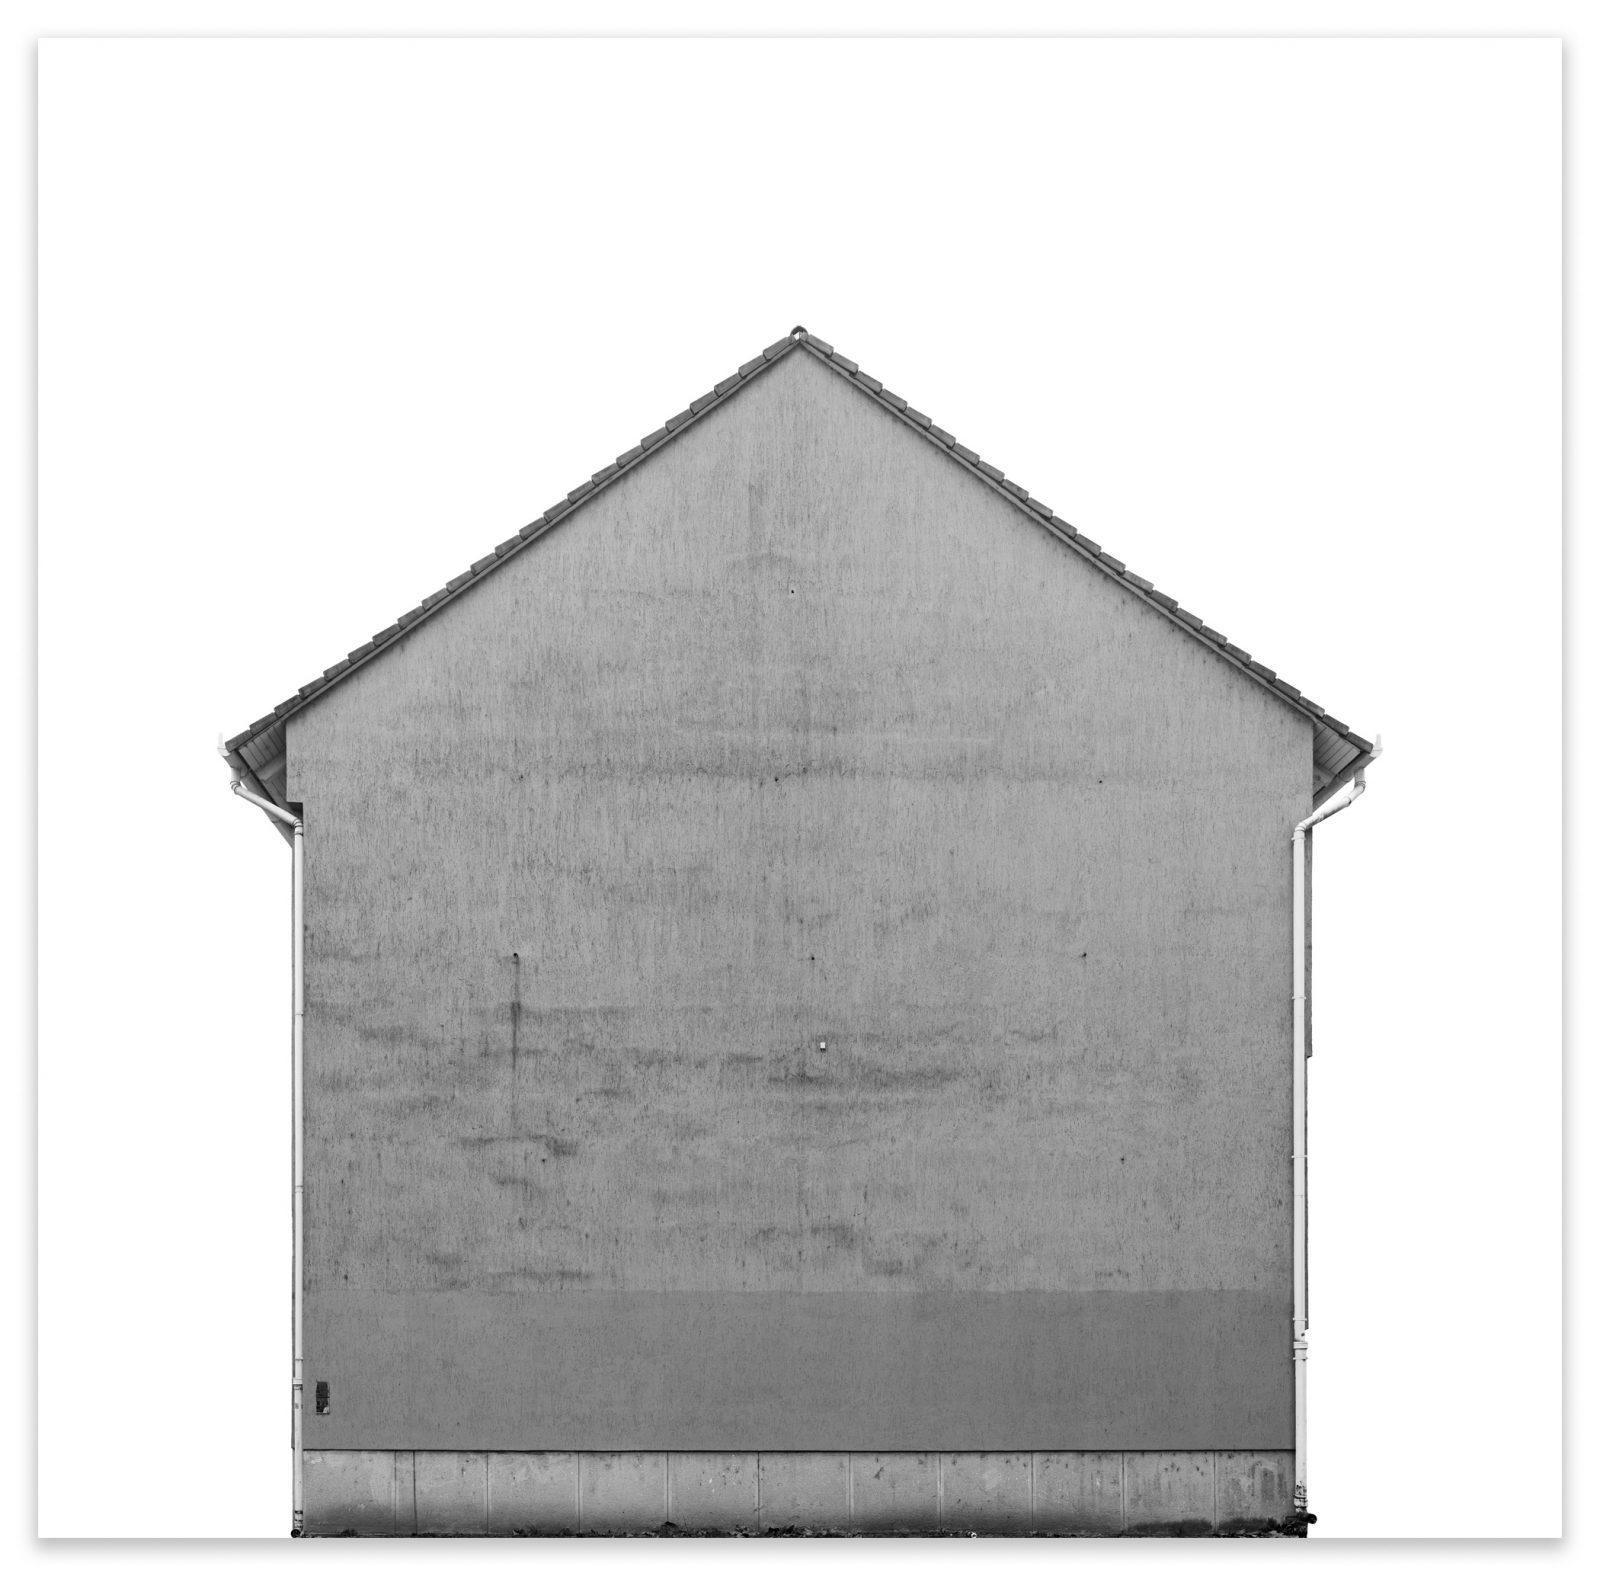 Czigány Ákos: Otthon 6245-67